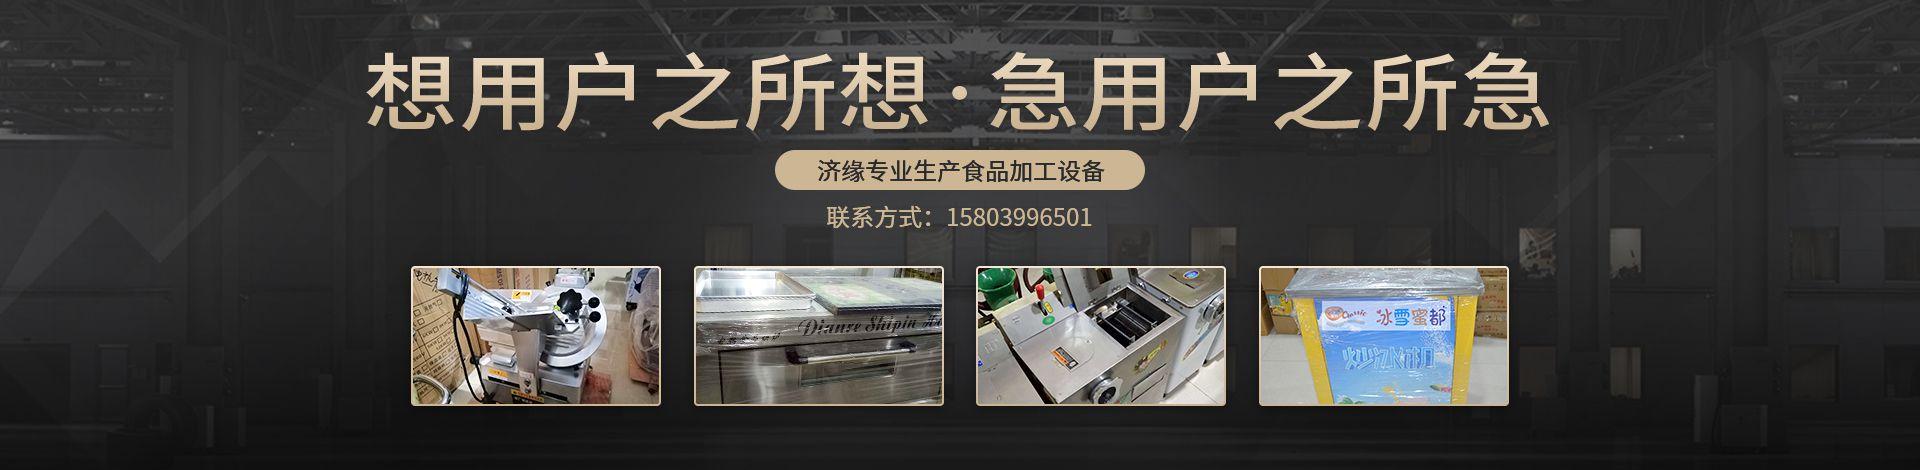 郑州市二七区济缘包装机械商行